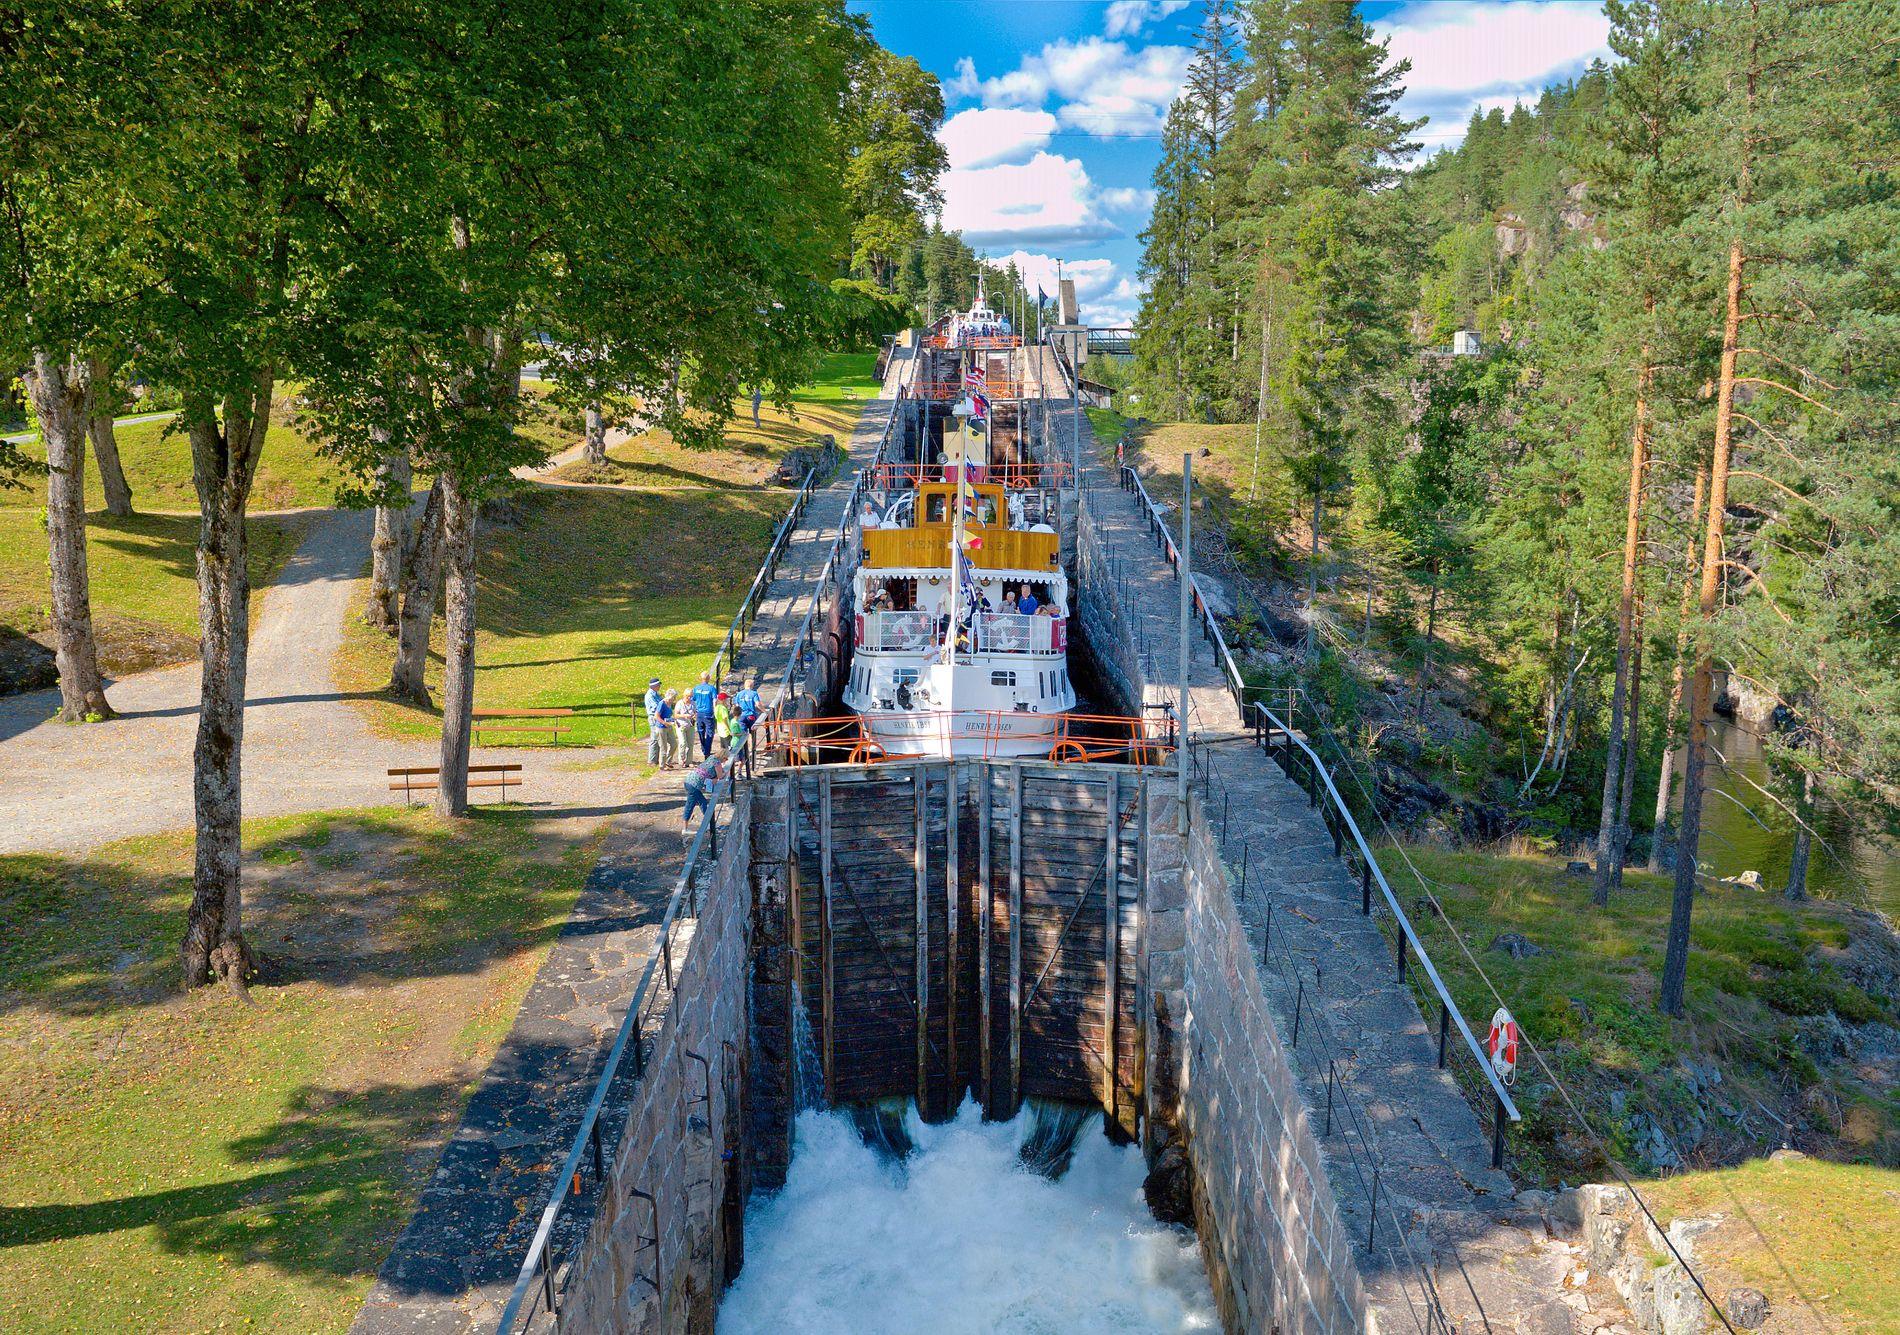 Slusetur på Telemarkskanalen